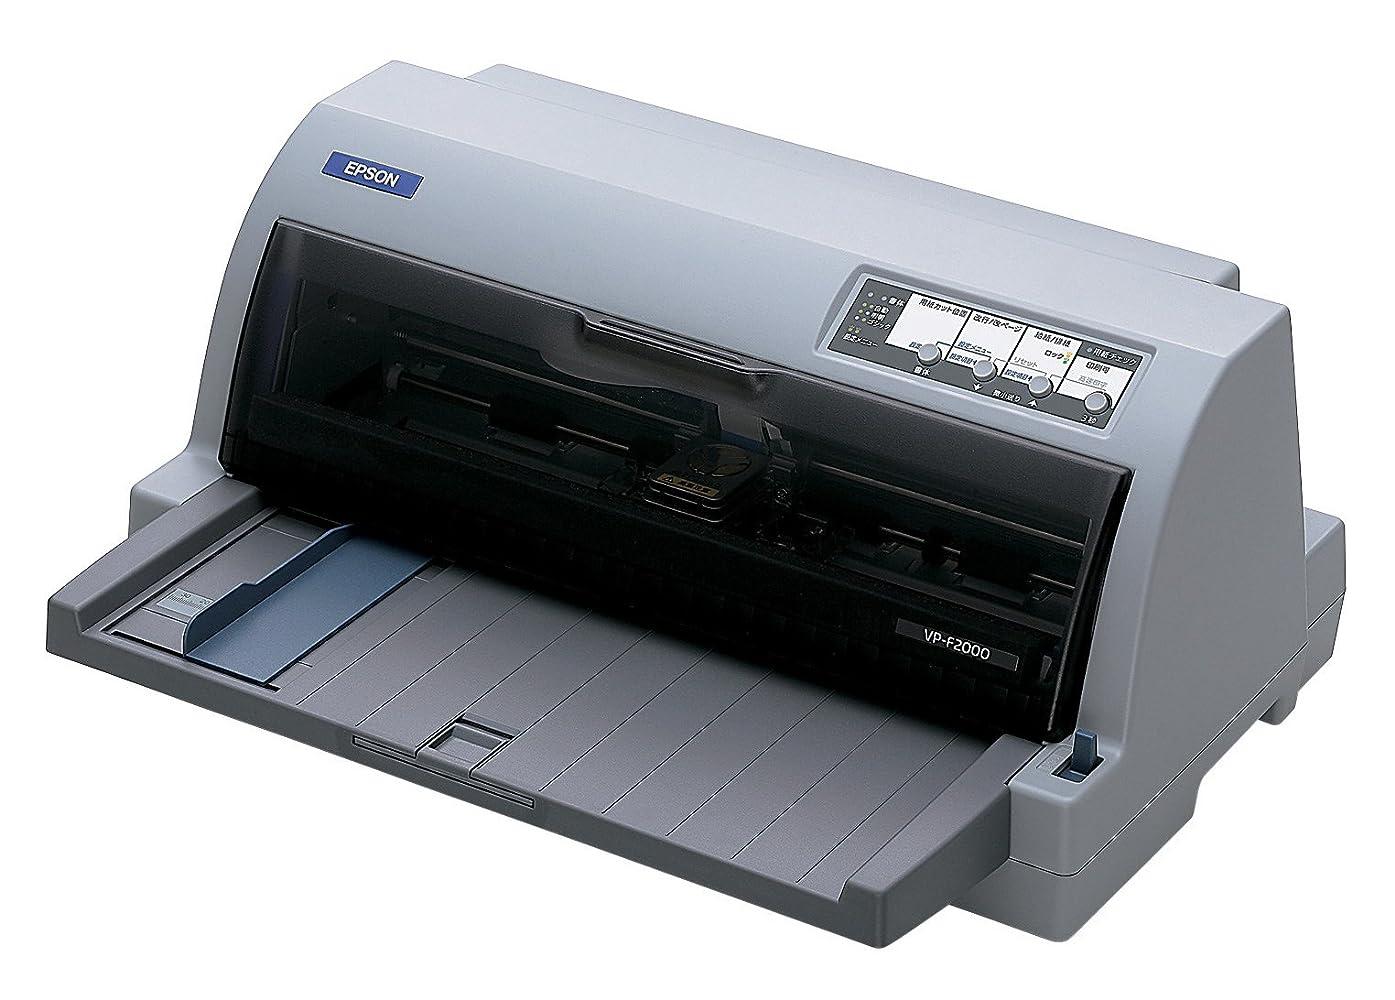 ループ土嫌いEPSON インパクトプリンター VP-F2000 USBインターフェイス搭載 24ピン 106桁 水平型 7枚複写(オリジナル+6枚) 英数330字/秒 漢字146字/秒